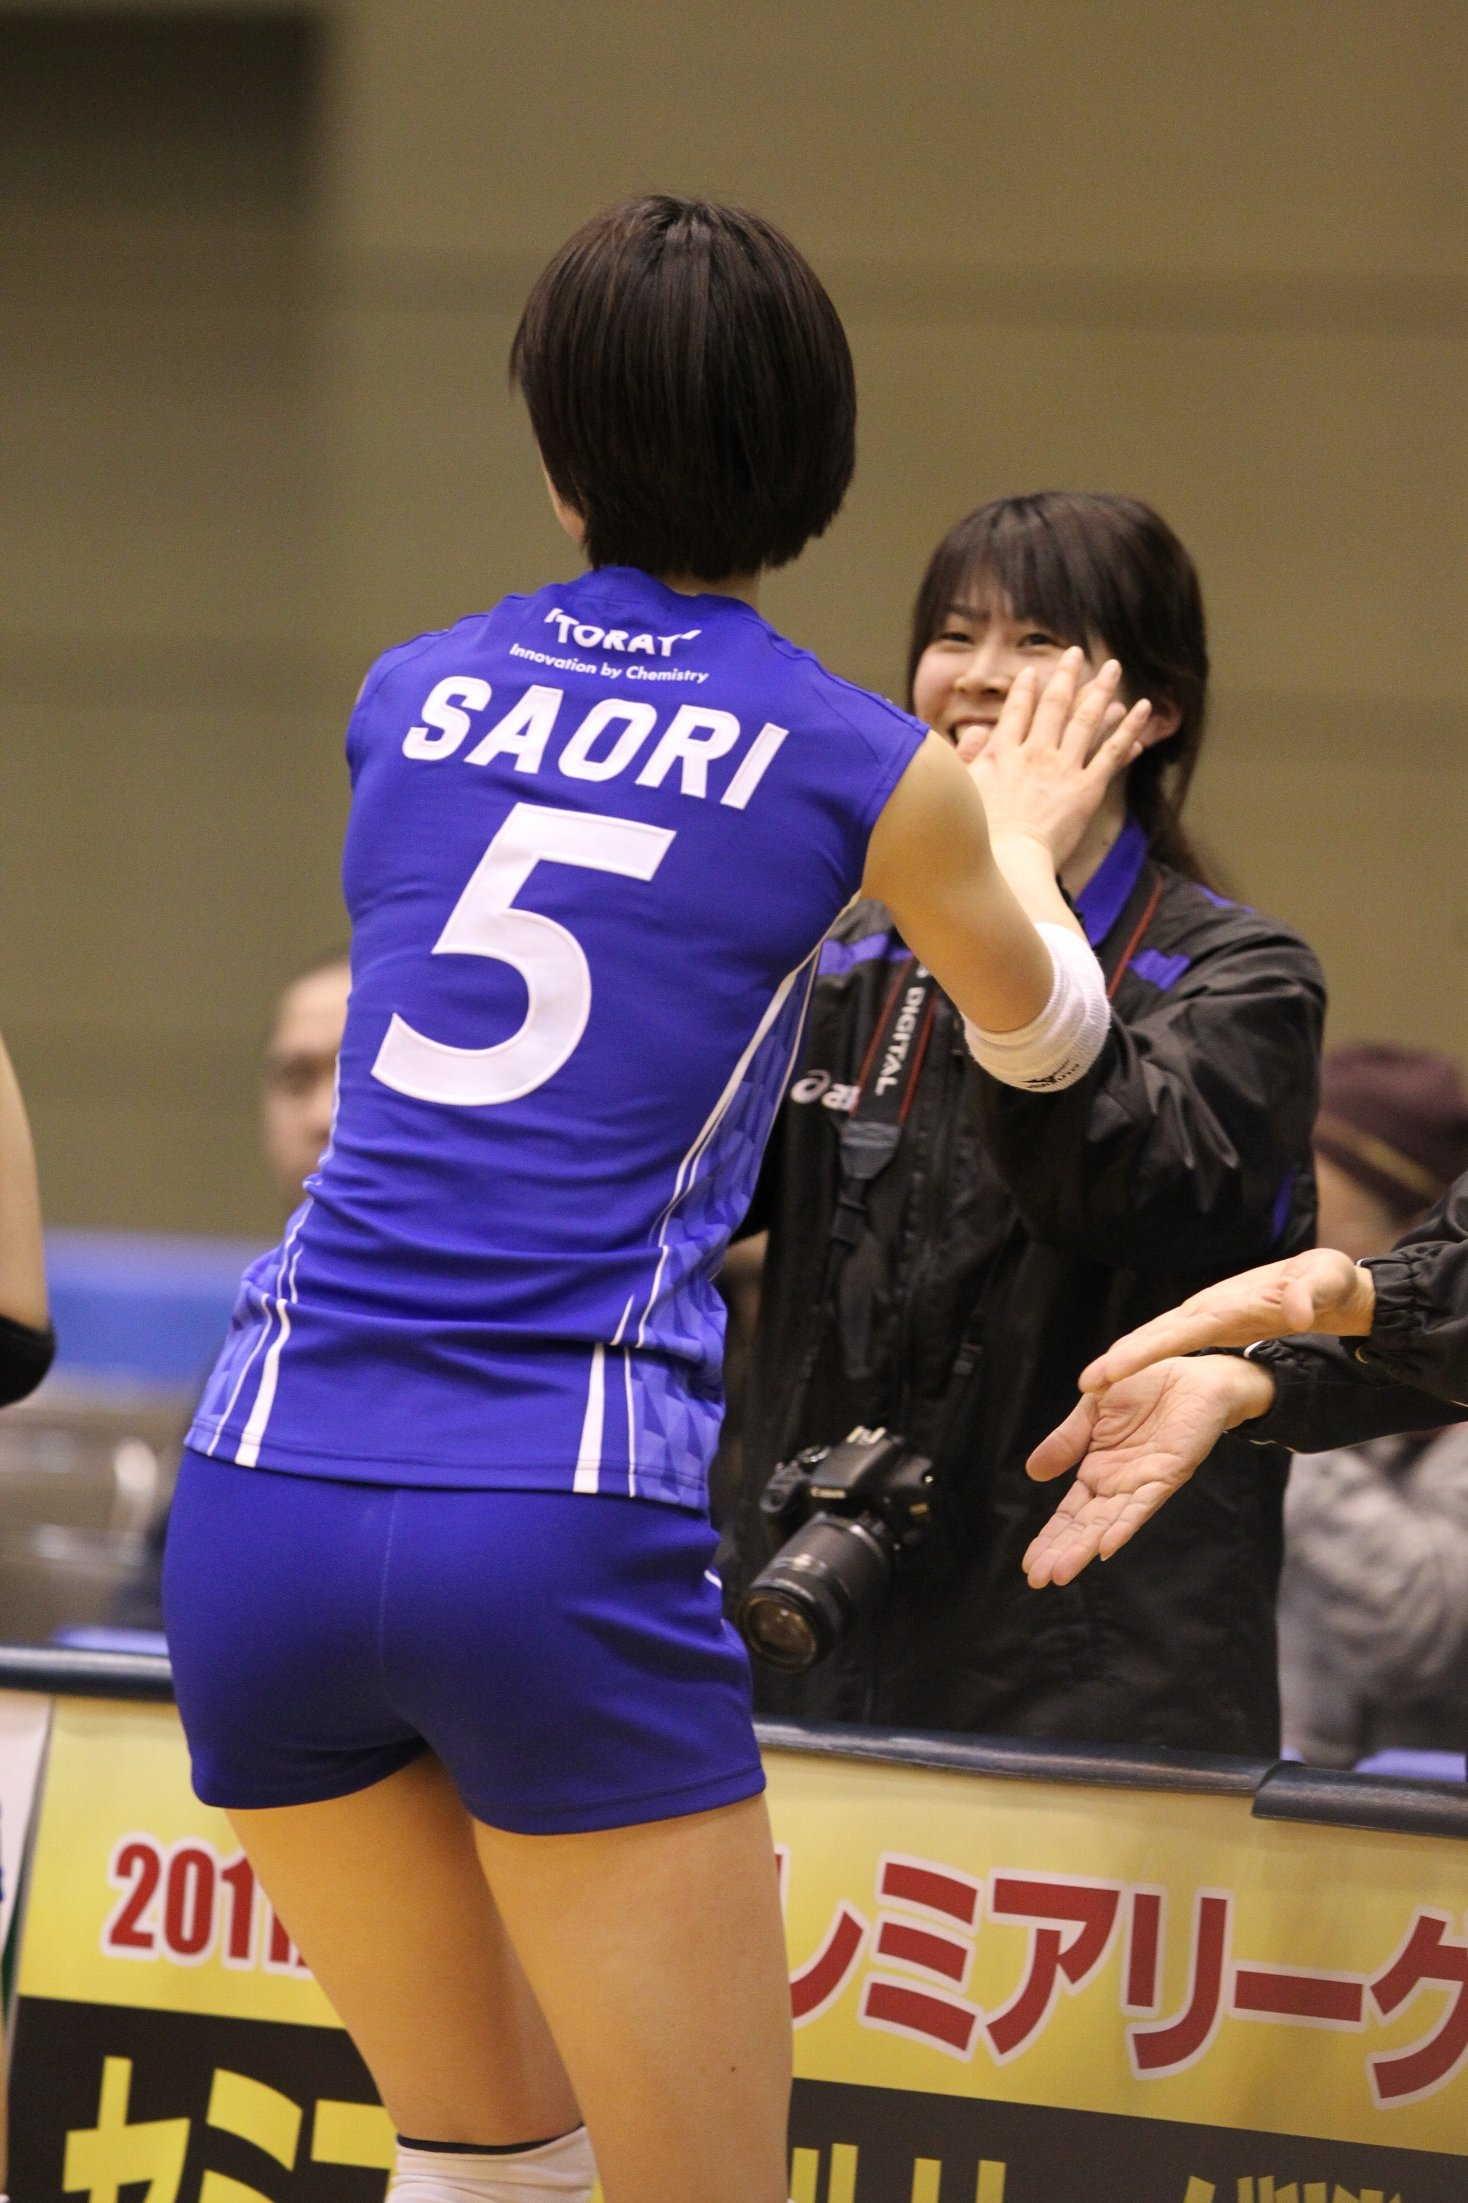 木村沙織を筆頭にバレーボール女子の身体がえろいし人気な件wwwwwwwwwwww(えろキャプ写真有り)